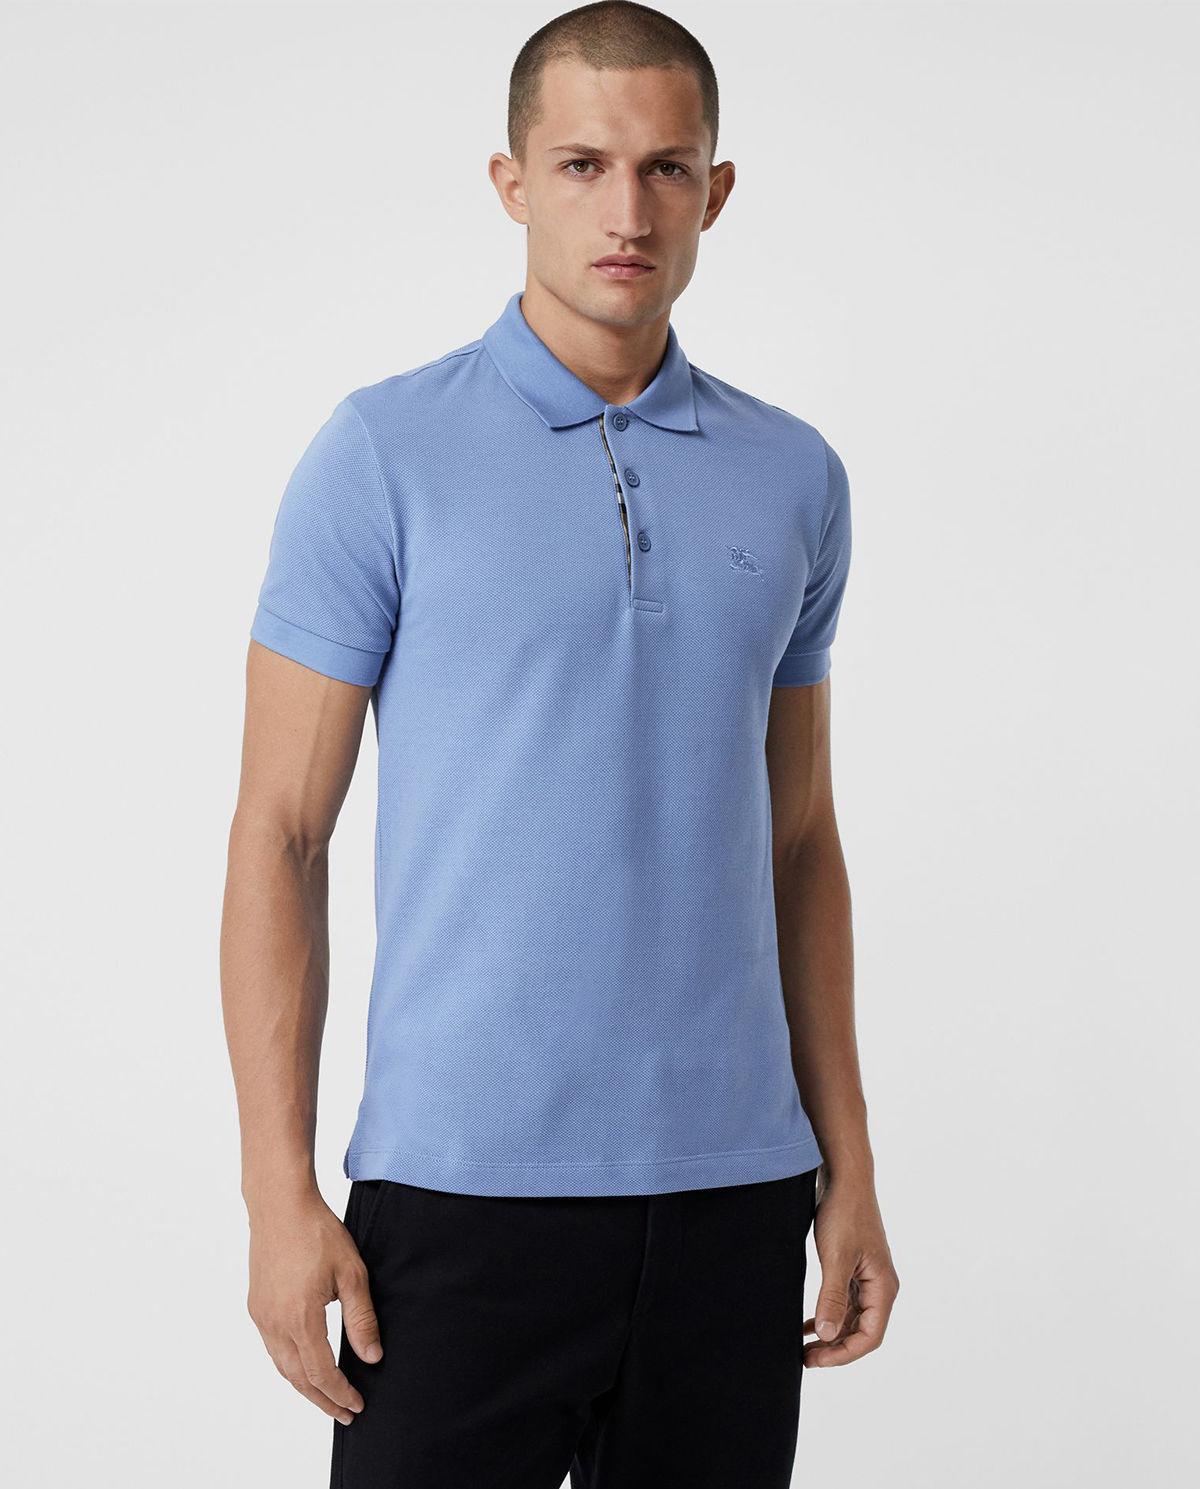 bd07bd0c6 Koszulka polo niebieska BURBERRY – Kup Teraz! Najlepsze ceny i ...